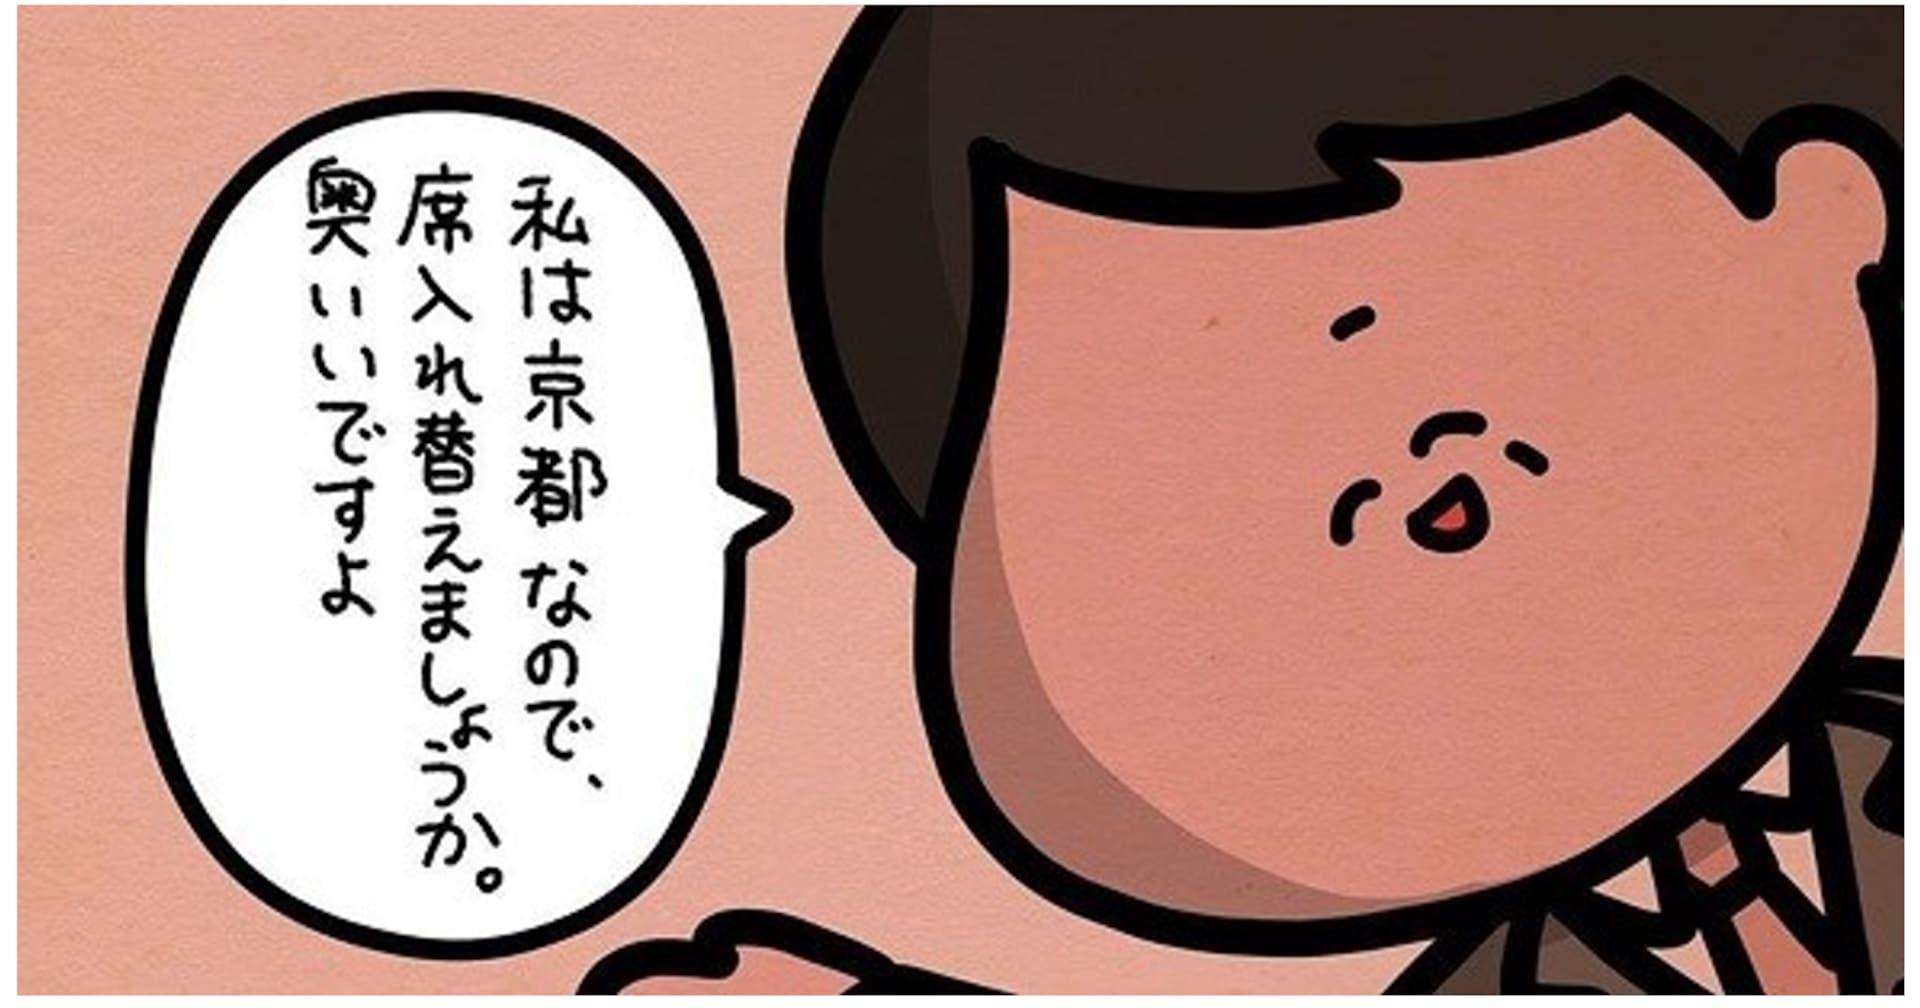 【恐怖】「席入れ替えましょうか」新幹線で親切にしてくれた男性 途中で寝てしまい目が覚めたら… 恐ろしすぎる展開に鳥肌総立ち